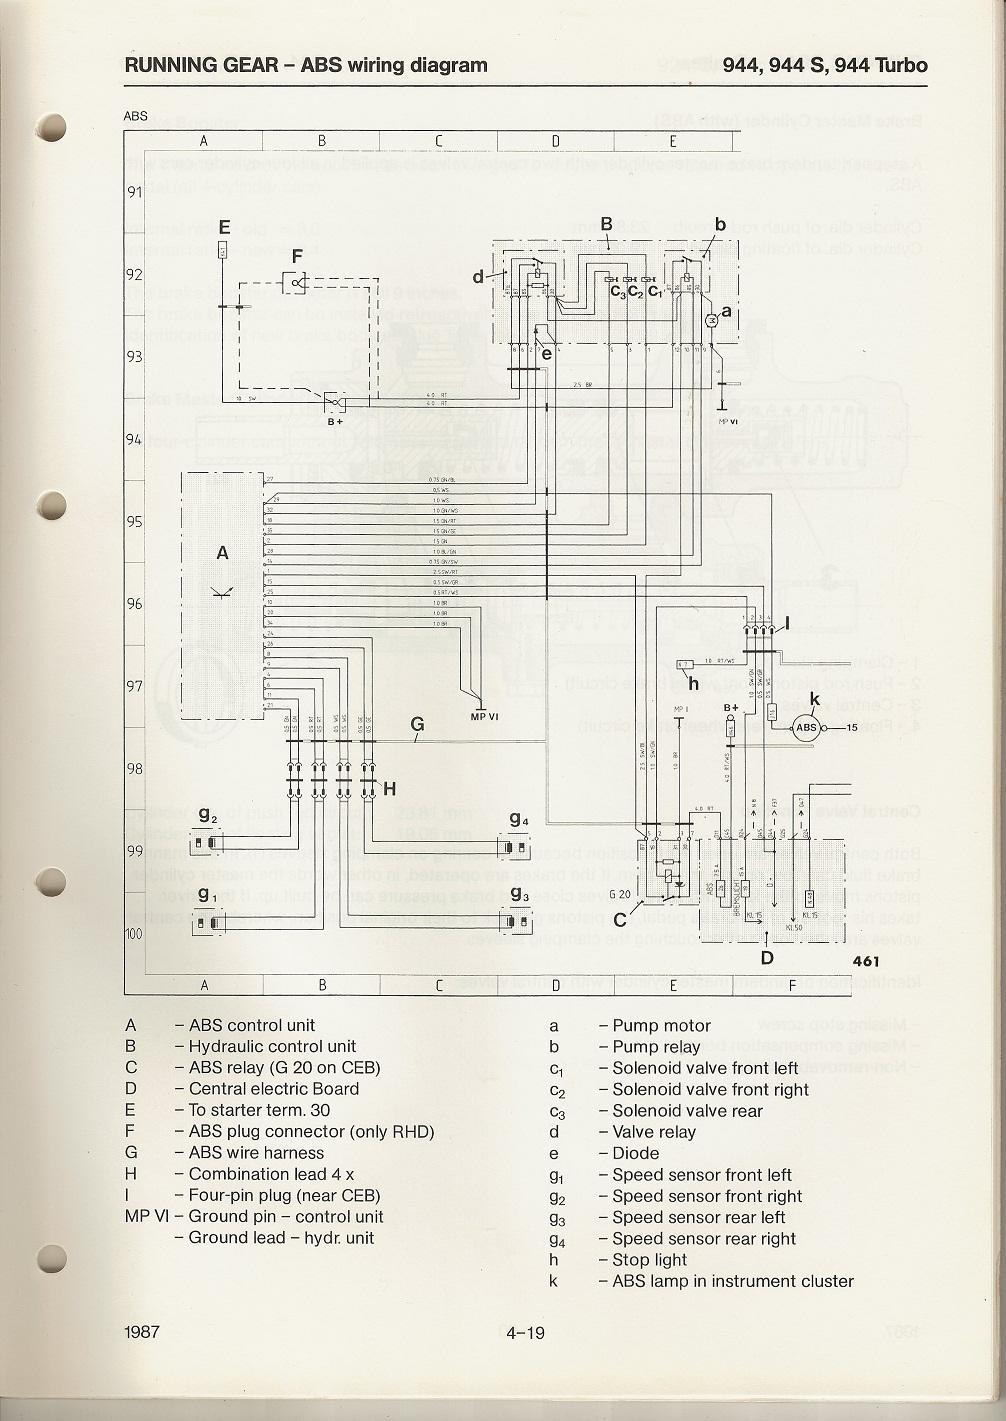 Wiring Diagram For Porsche Boxster - 2000 porsche boxster ... on